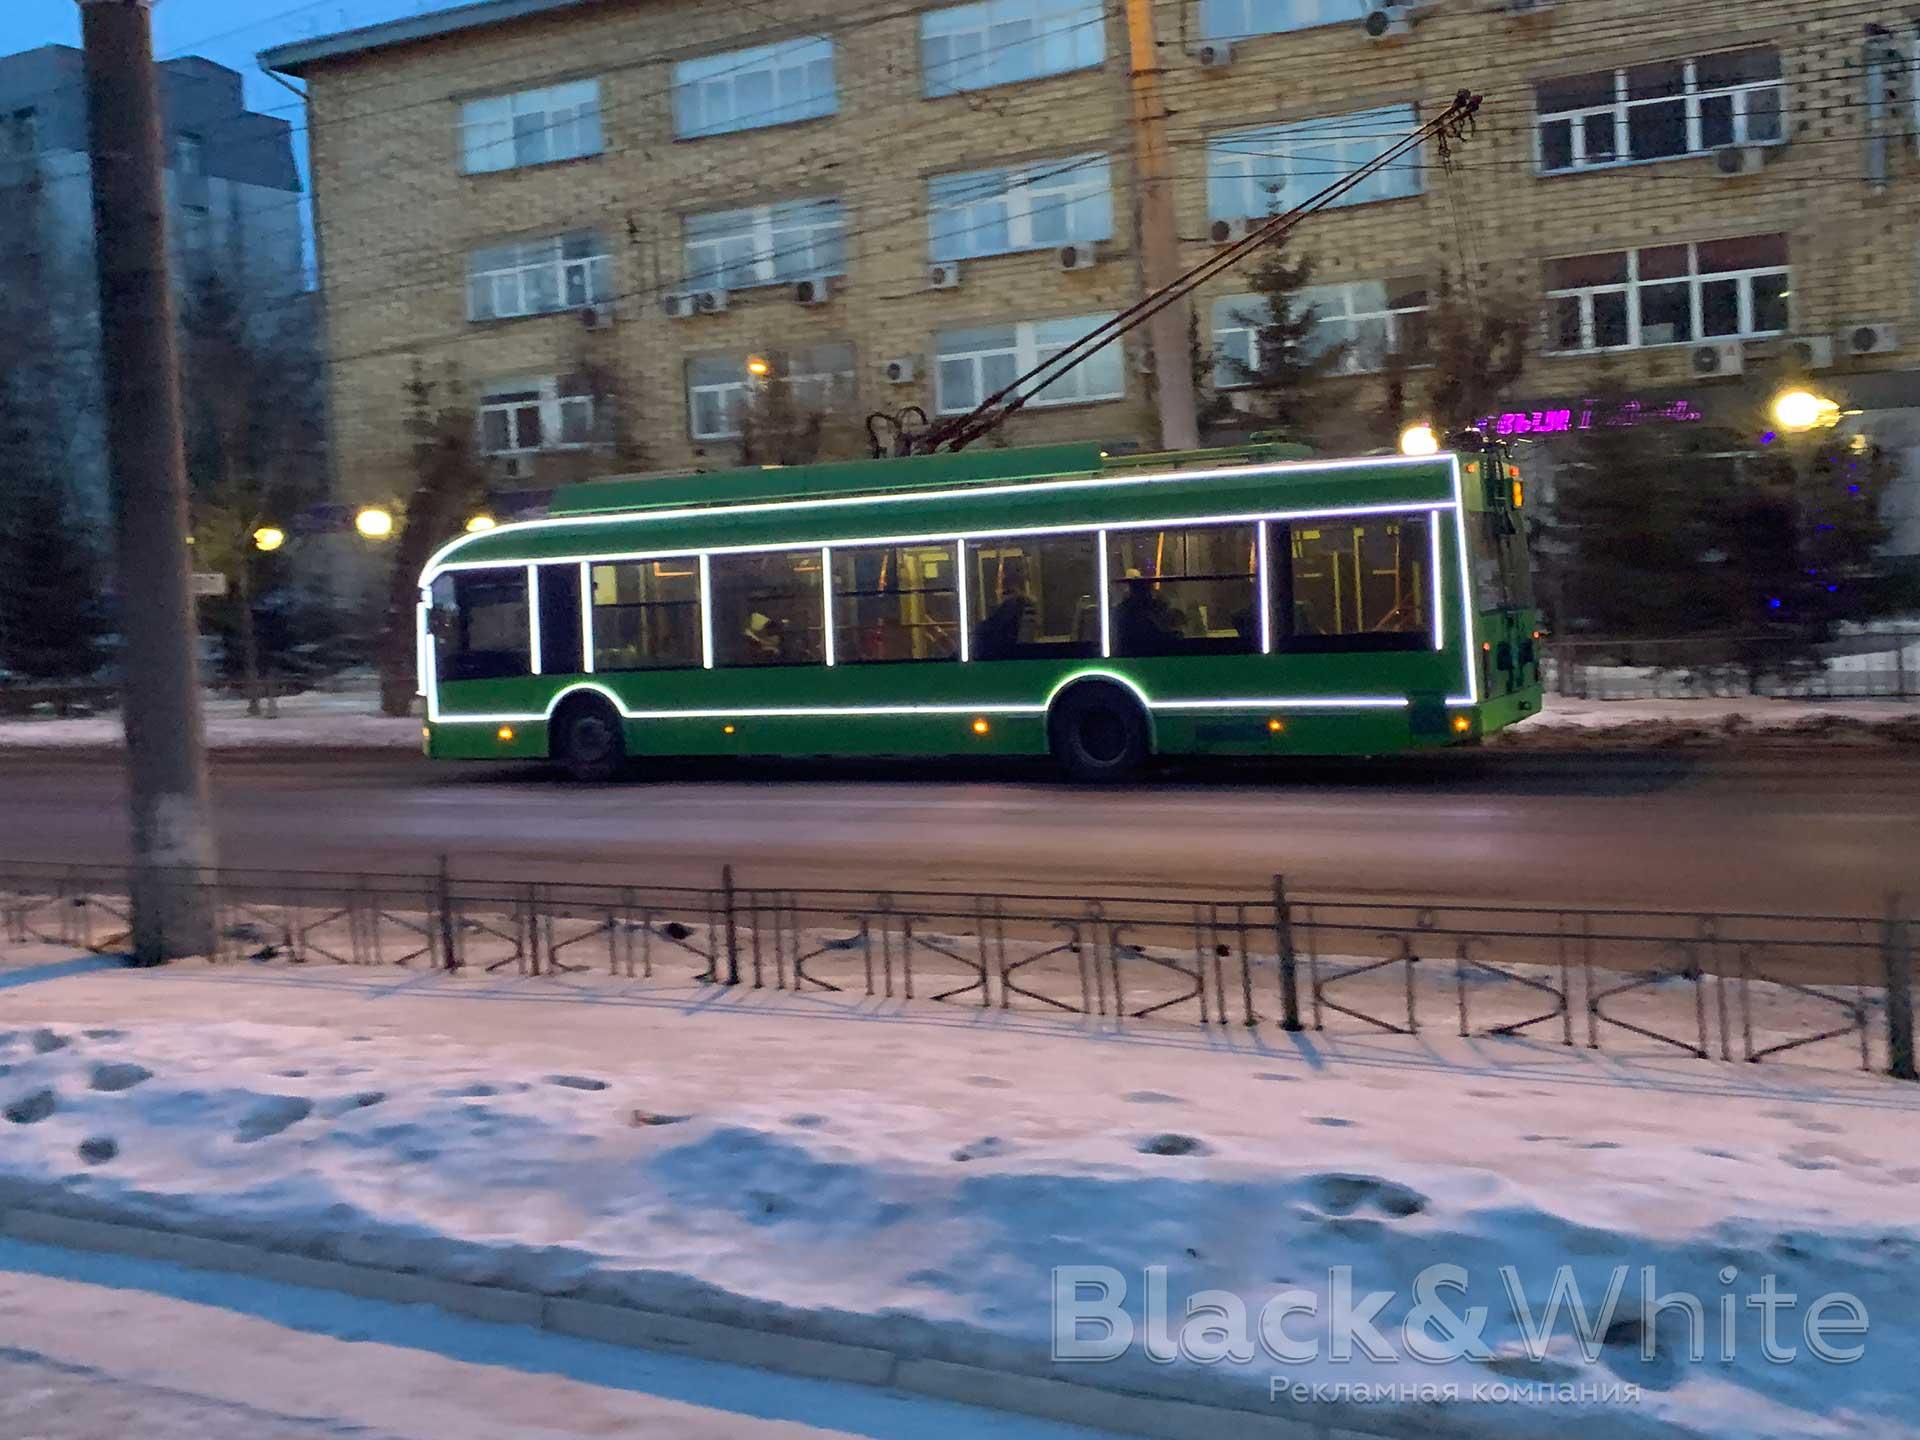 праздничная-подсветка-автобуса-транспорта.jpg